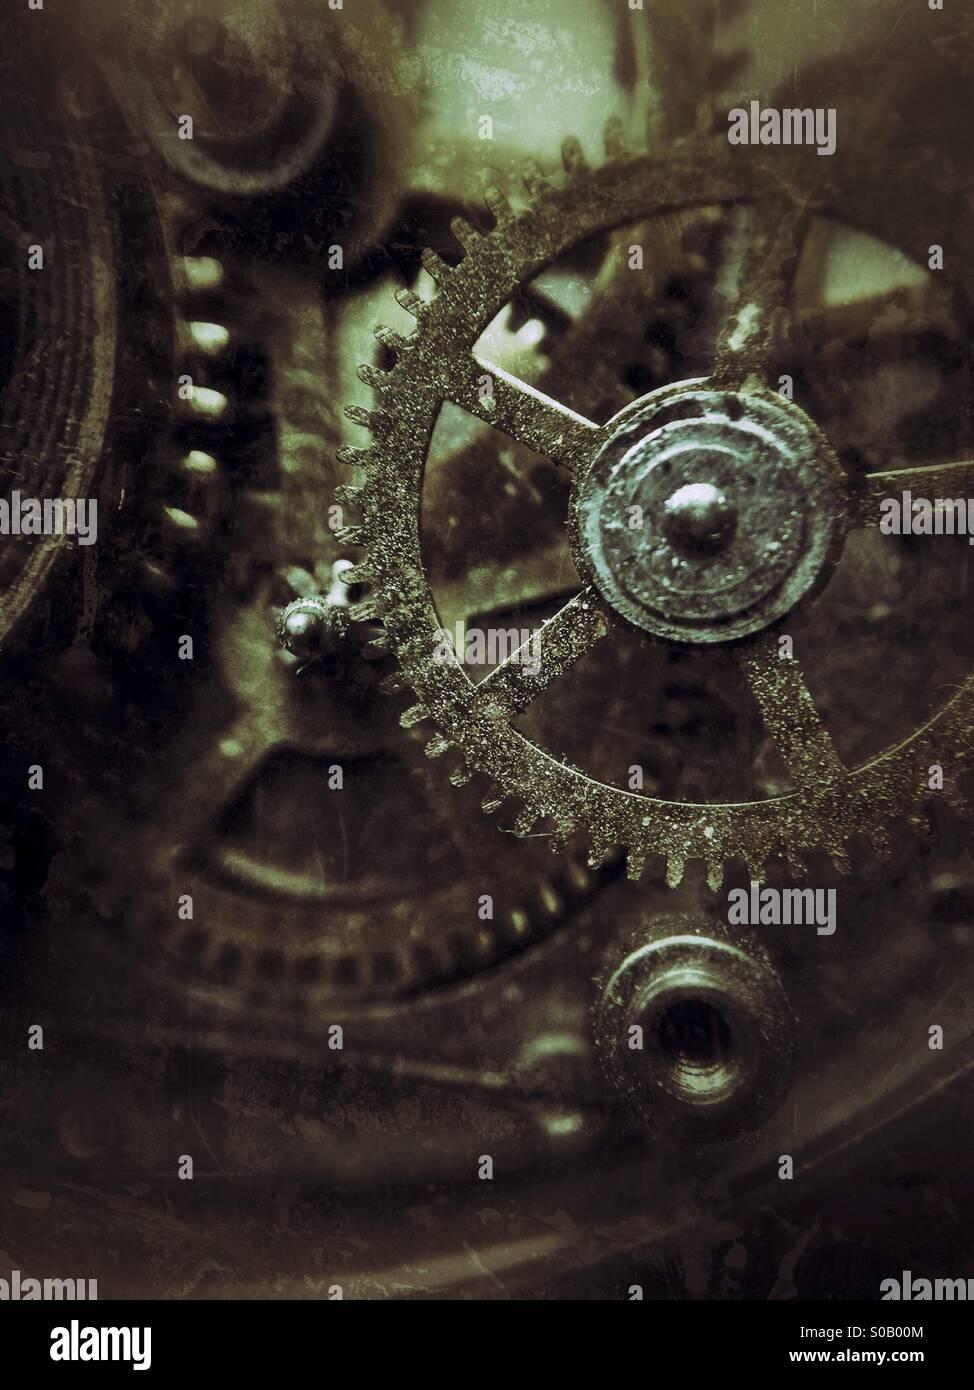 Immagine macro di orologio da tasca parti. Immagini Stock